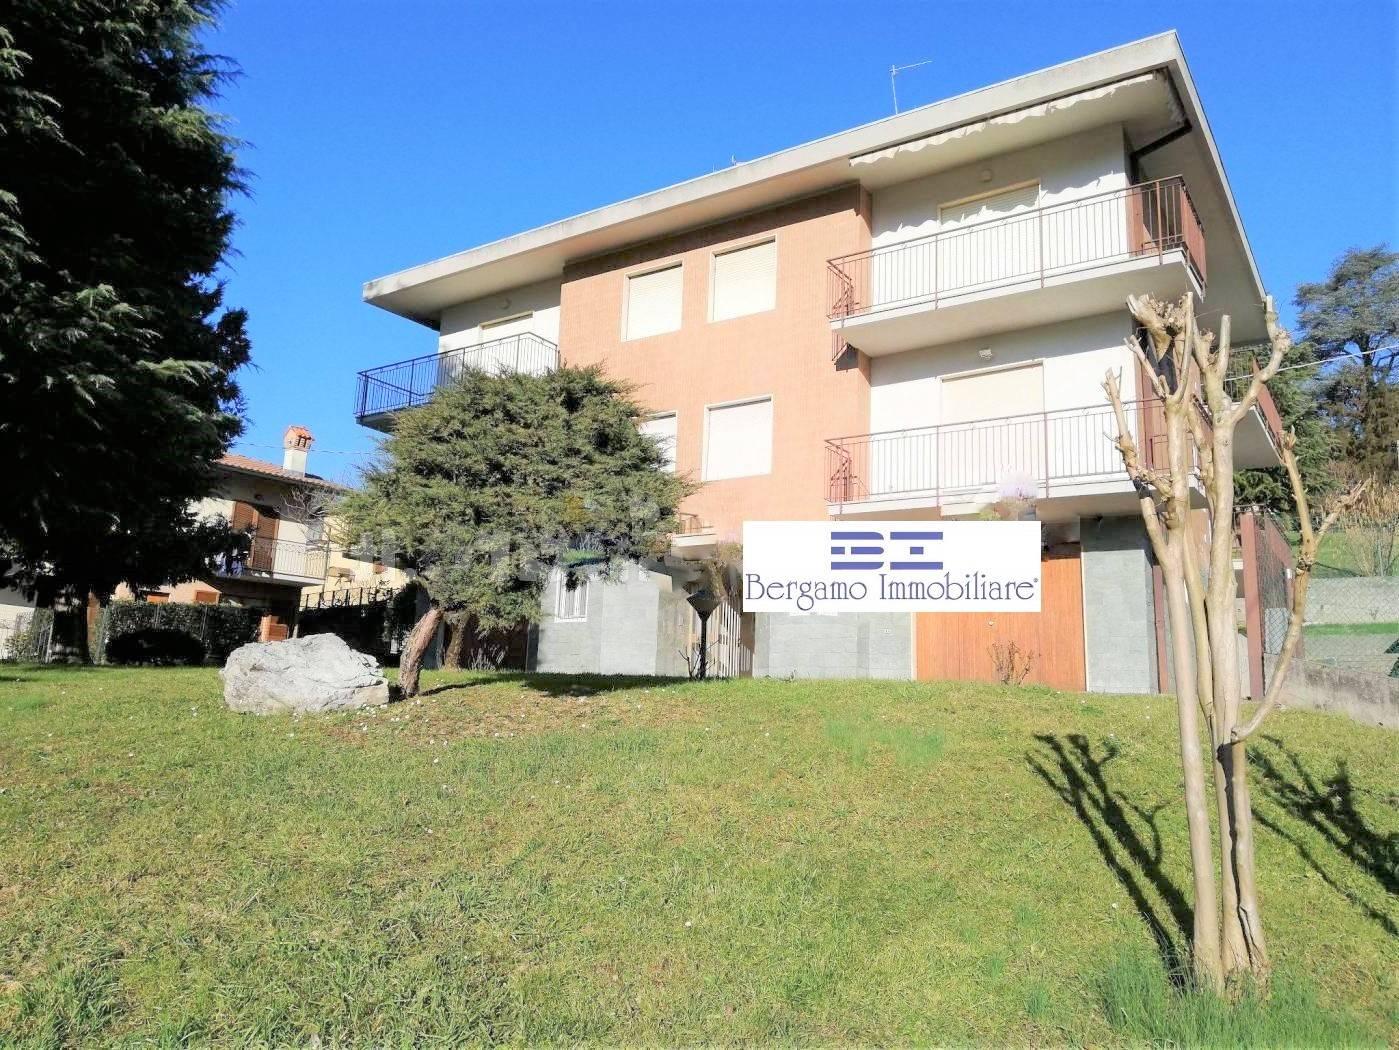 Appartamento in vendita a Ponteranica, 5 locali, prezzo € 330.000 | PortaleAgenzieImmobiliari.it